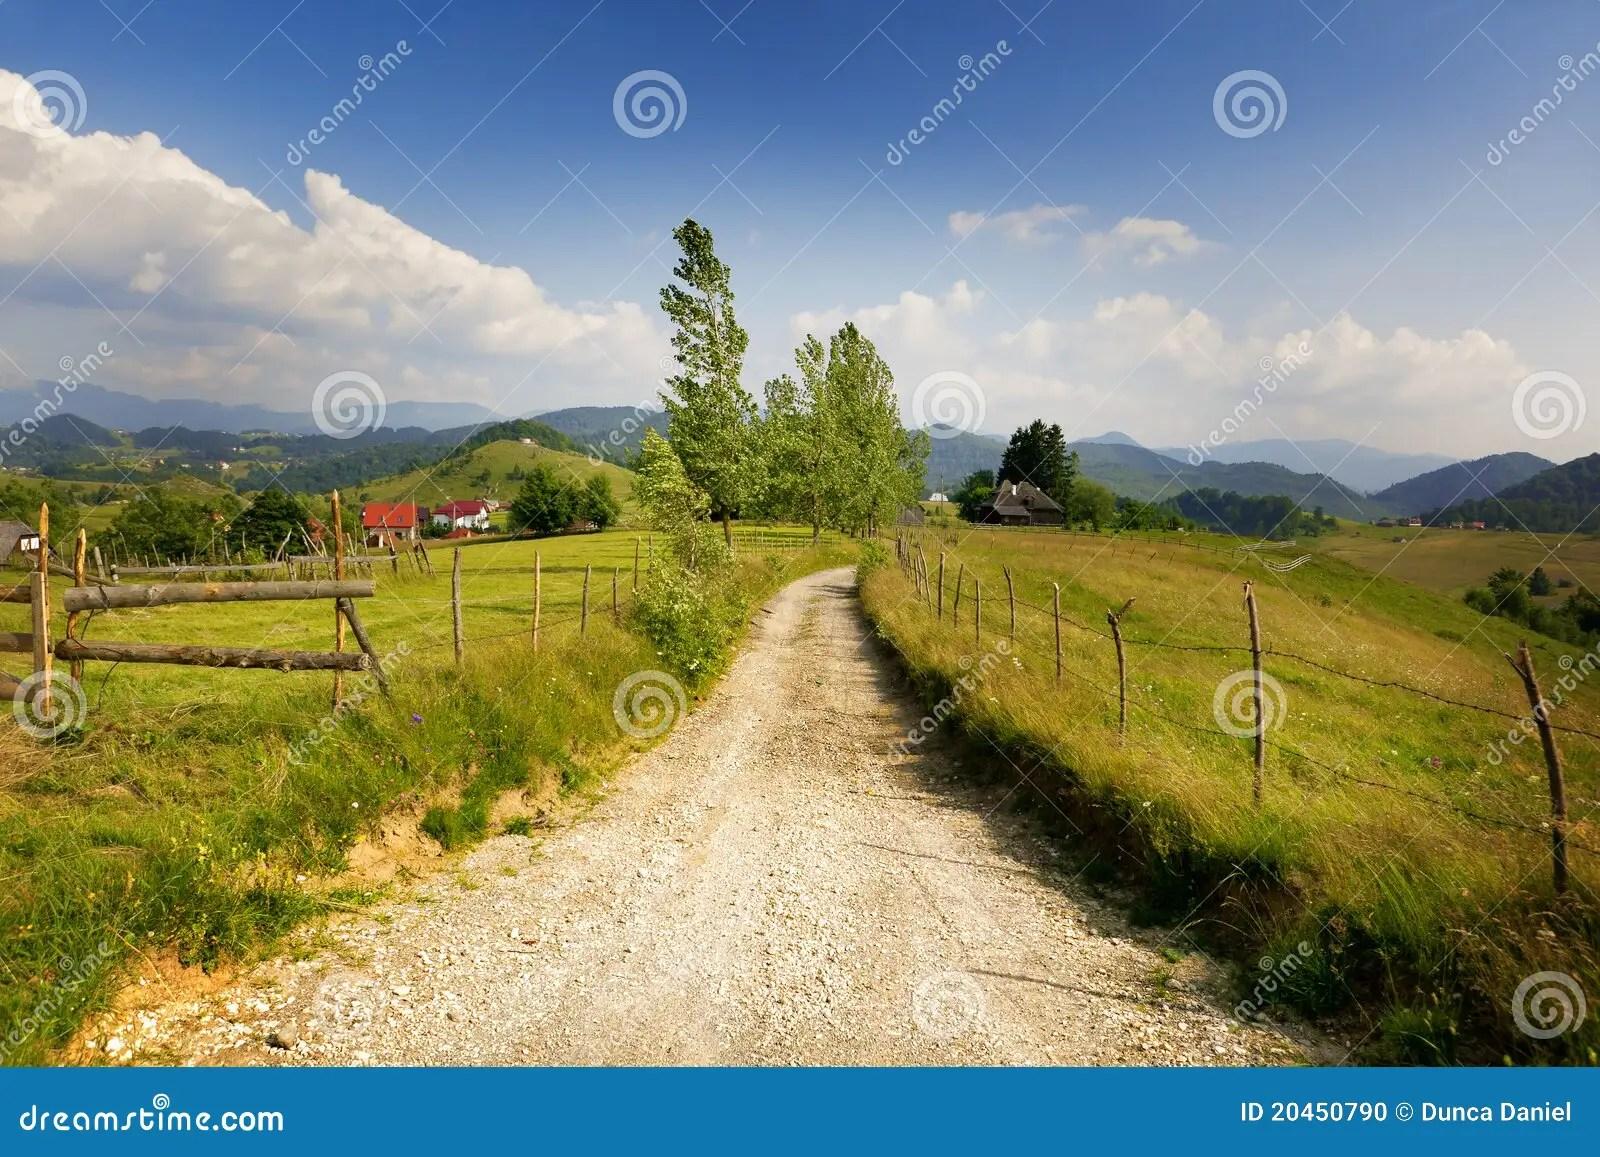 Paesaggio Rurale Dalla Romania Fotografia Stock  Immagine di campo alberi 20450790